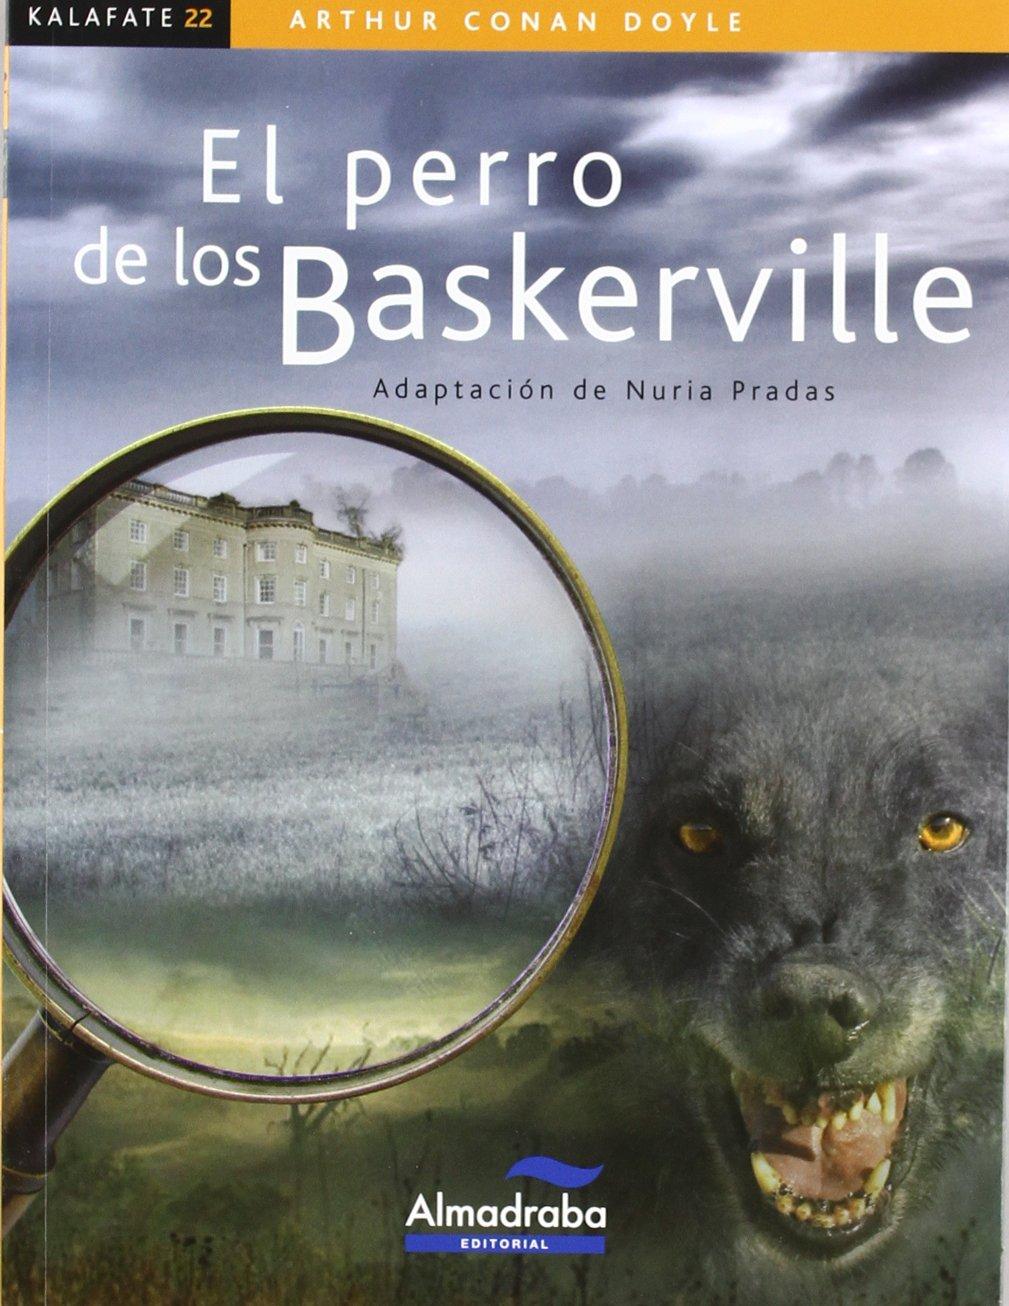 Perro de los Baskerville kalafate Colección Kalafate: Amazon.es: Conan Doyle, Arthur, López Salán, Felipe, Pradas Andreu, Nuria, Pradas, Núria: Libros